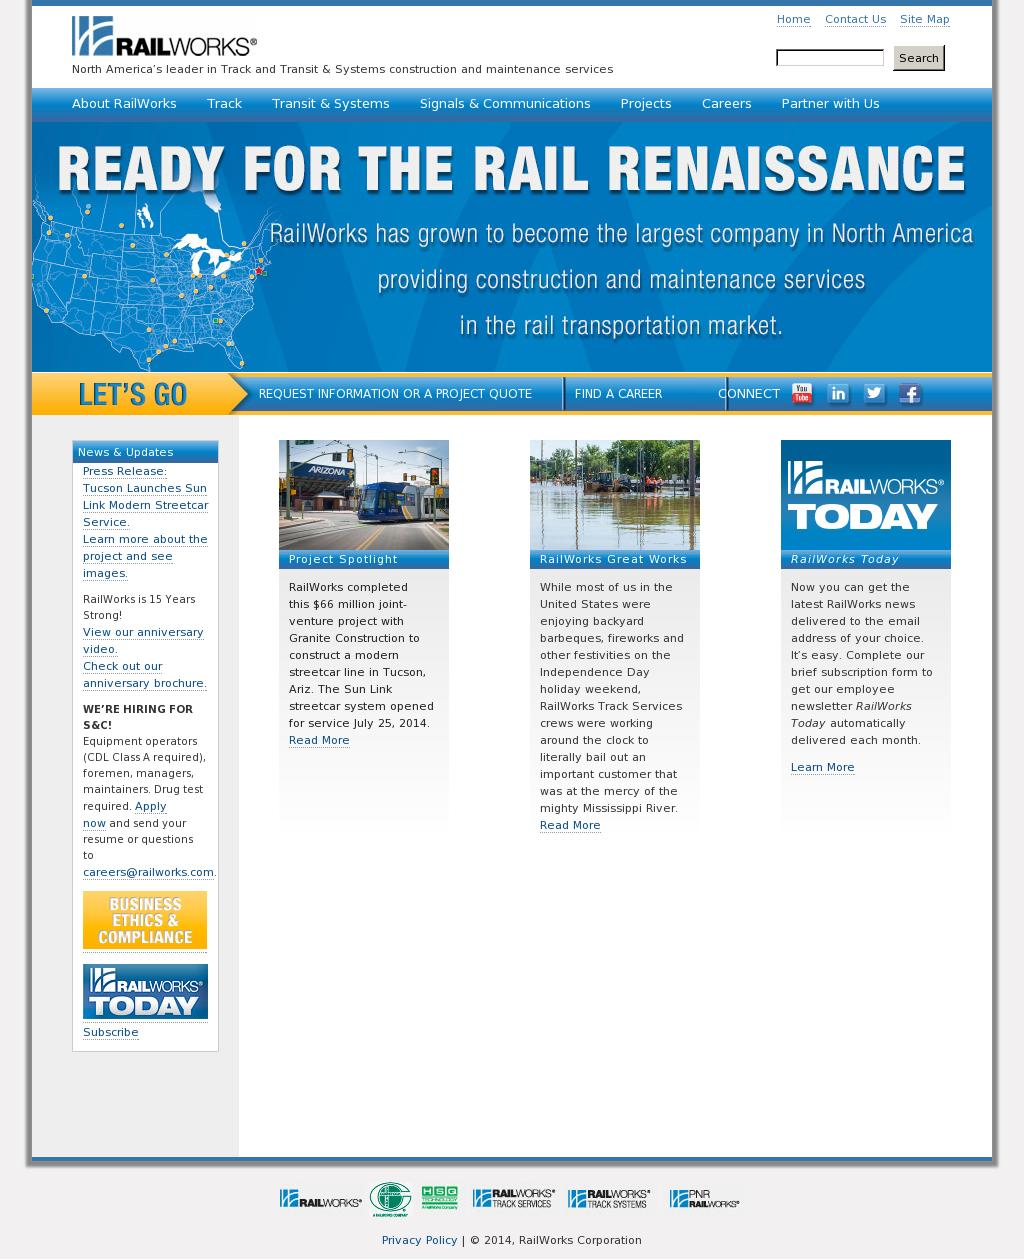 Railworks Revenue